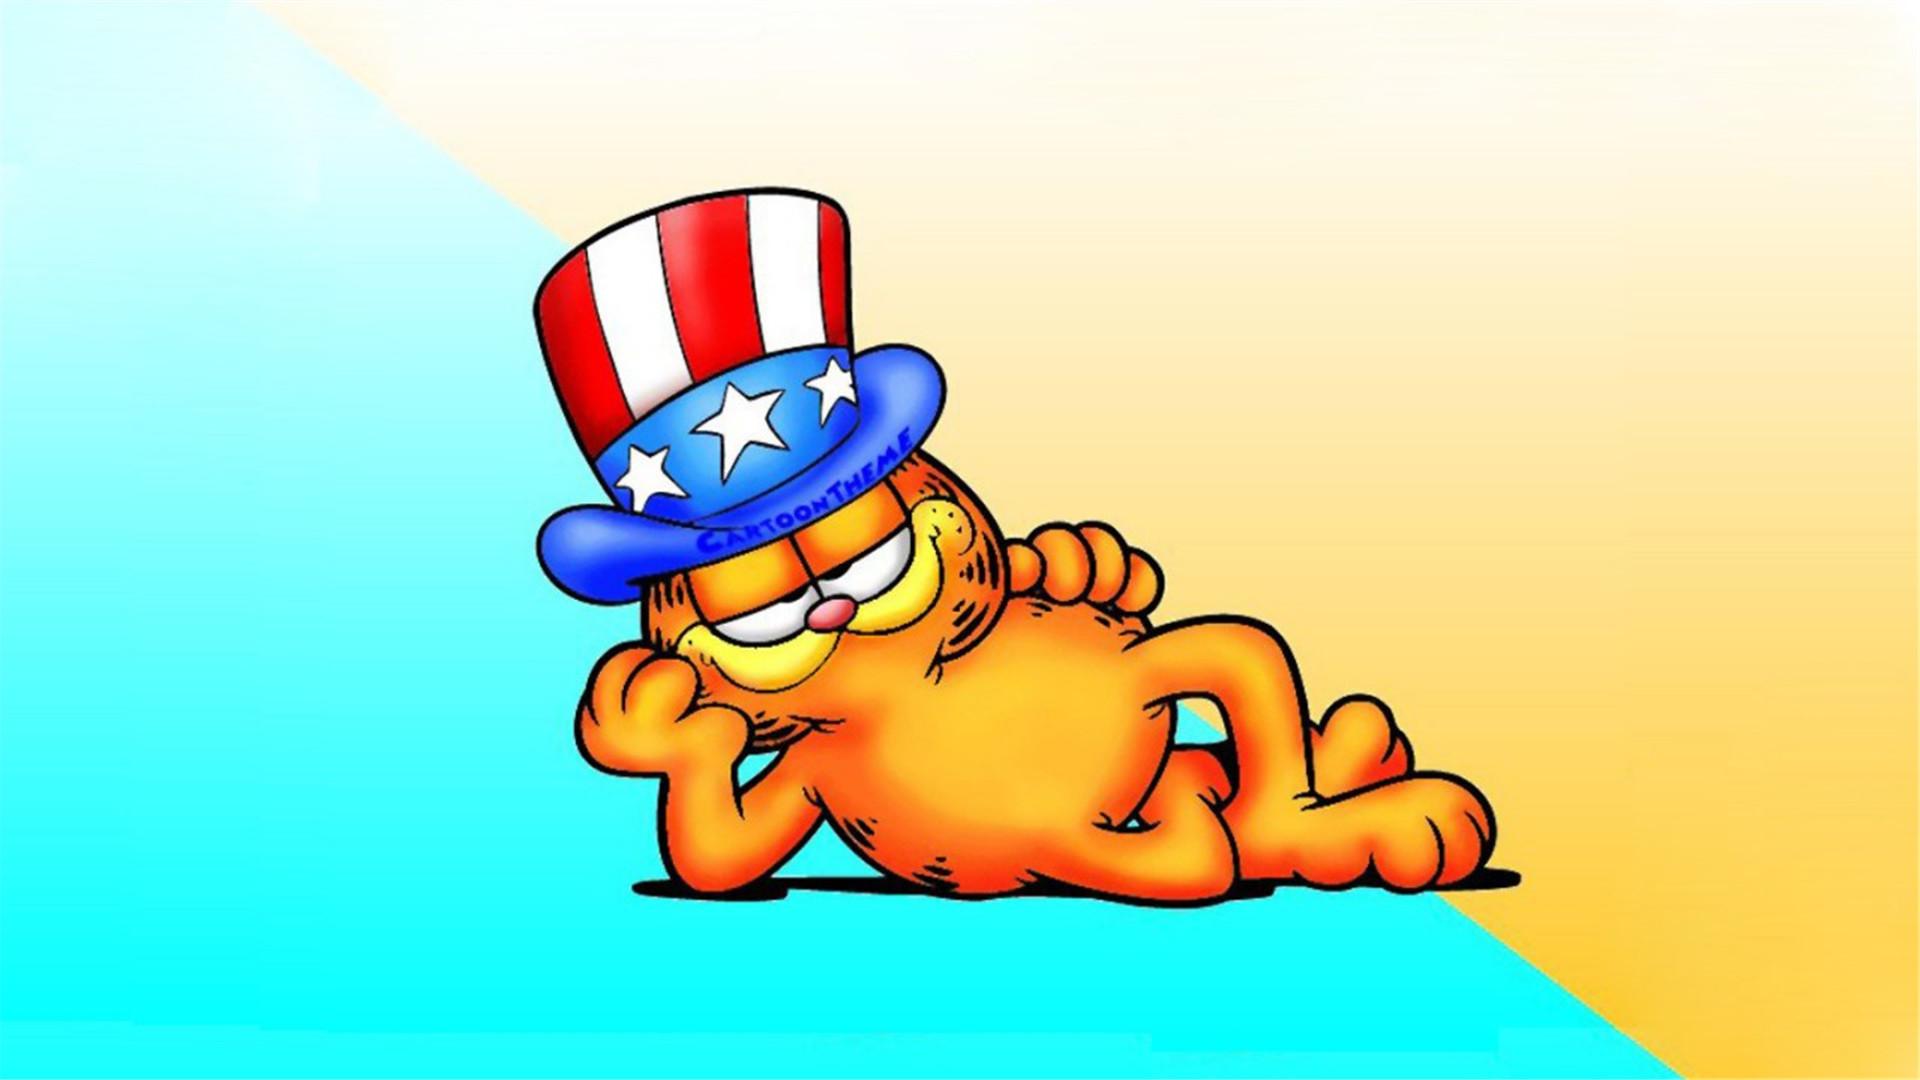 加菲猫输入法皮肤,动漫输入法皮肤,二次元输入法皮肤